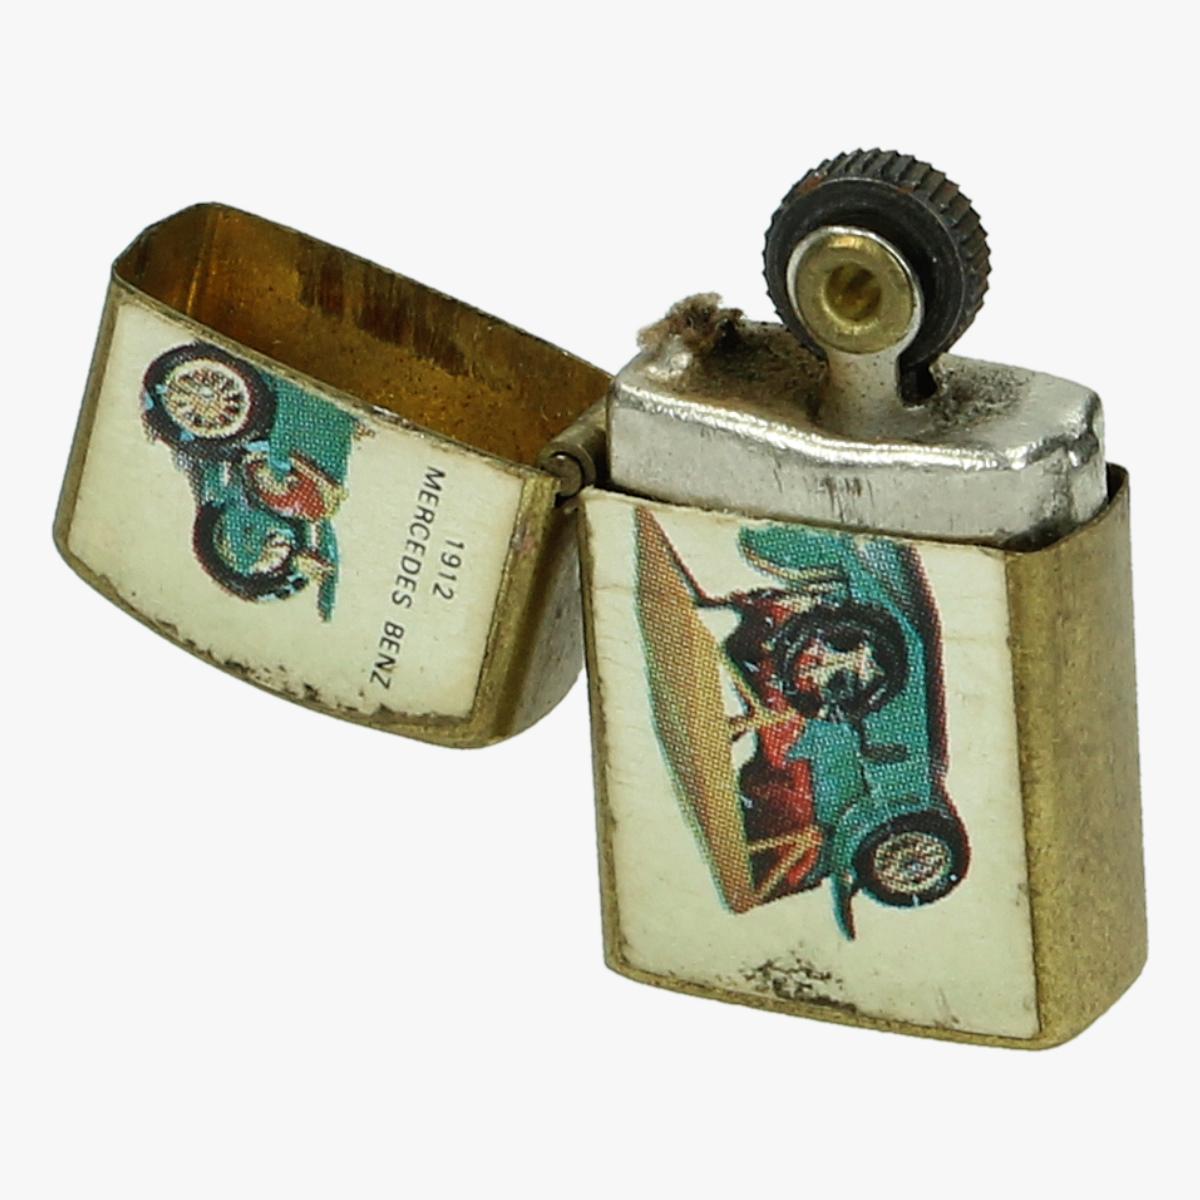 Afbeeldingen van aansteker mini mercedes benz 1912